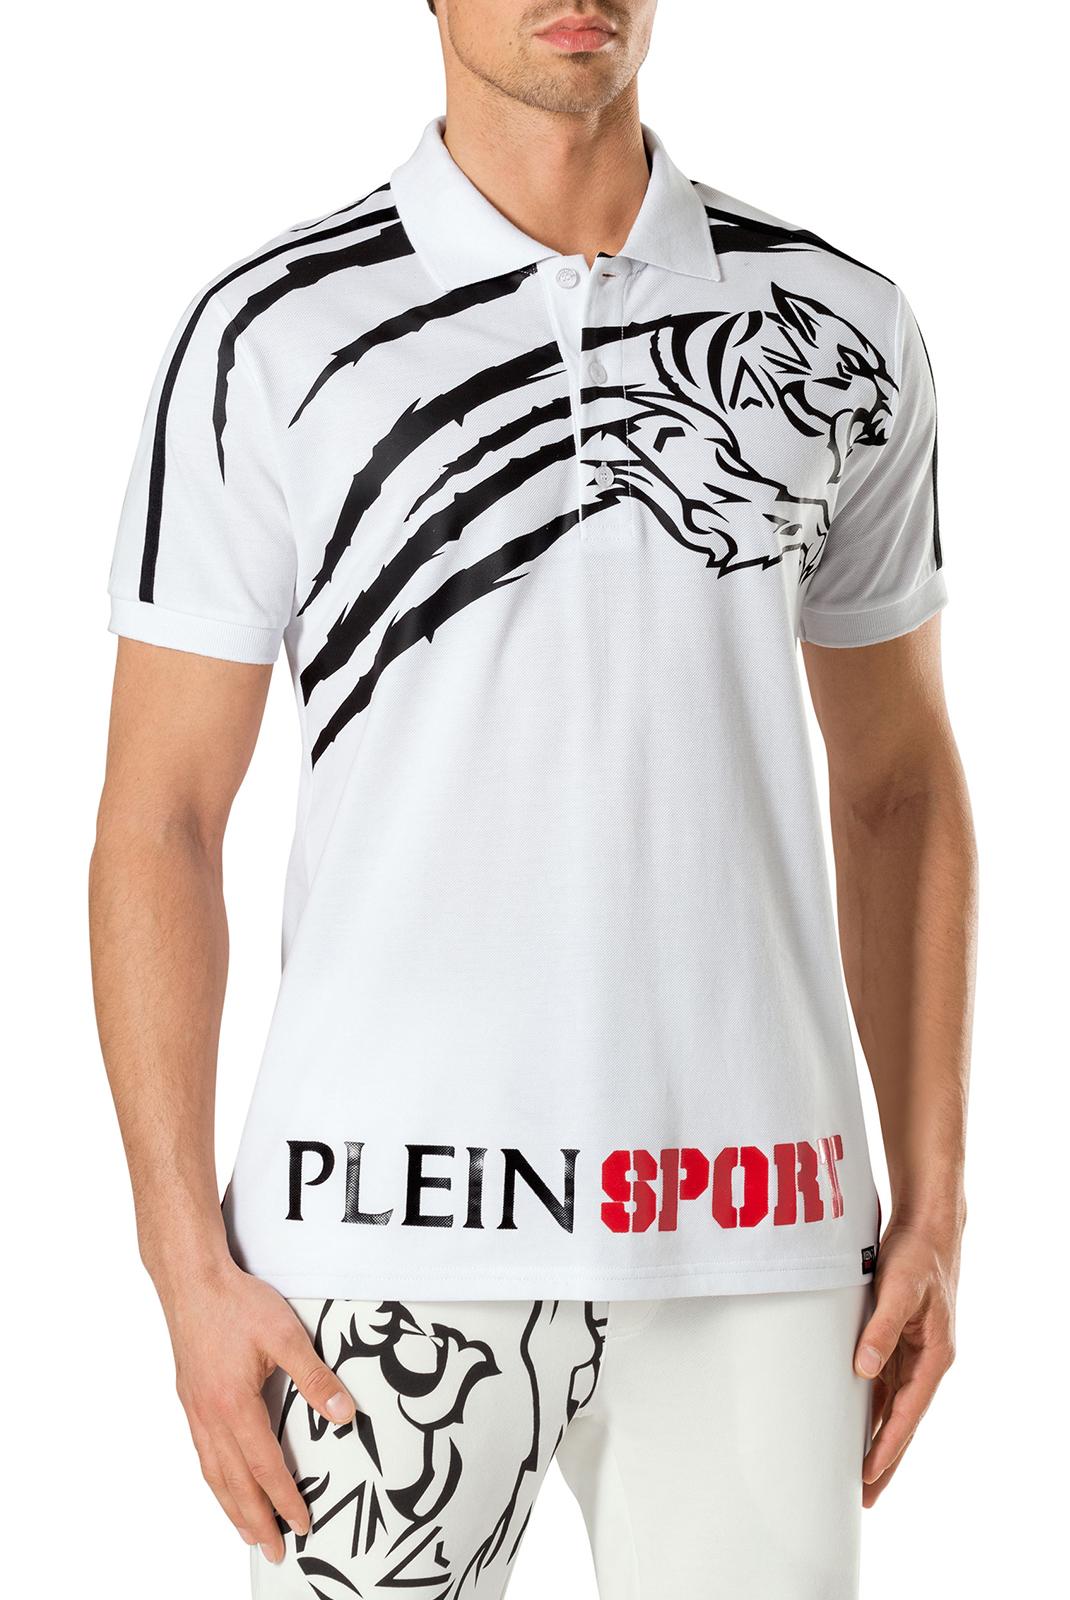 Plein Sport P17C MTK0519 01 WHITE